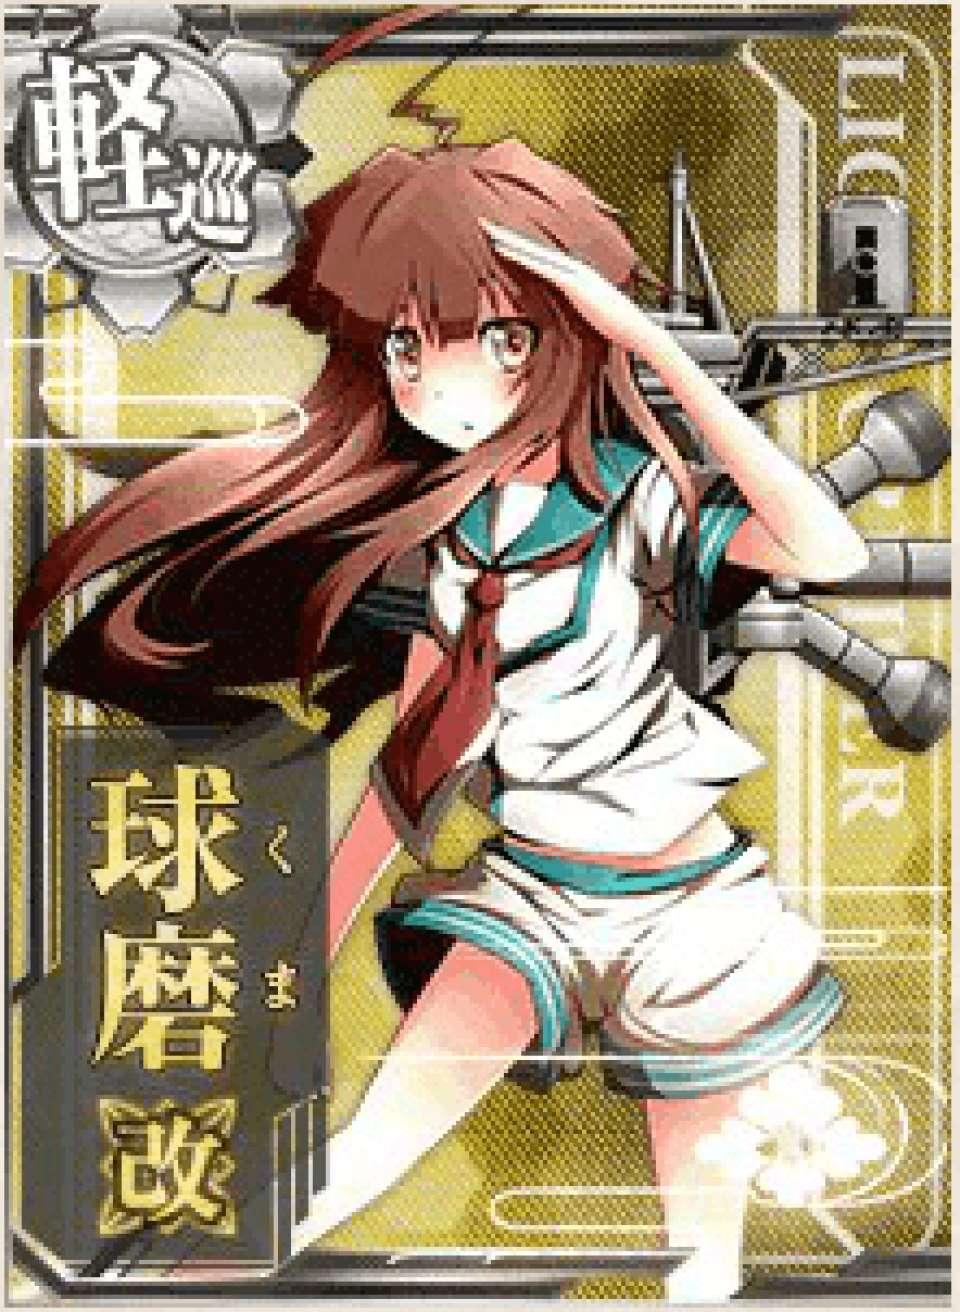 艦船擬人化アニメ「艦隊これくしょん」-軽巡- 球磨(くま)のキャラクター紹介画像